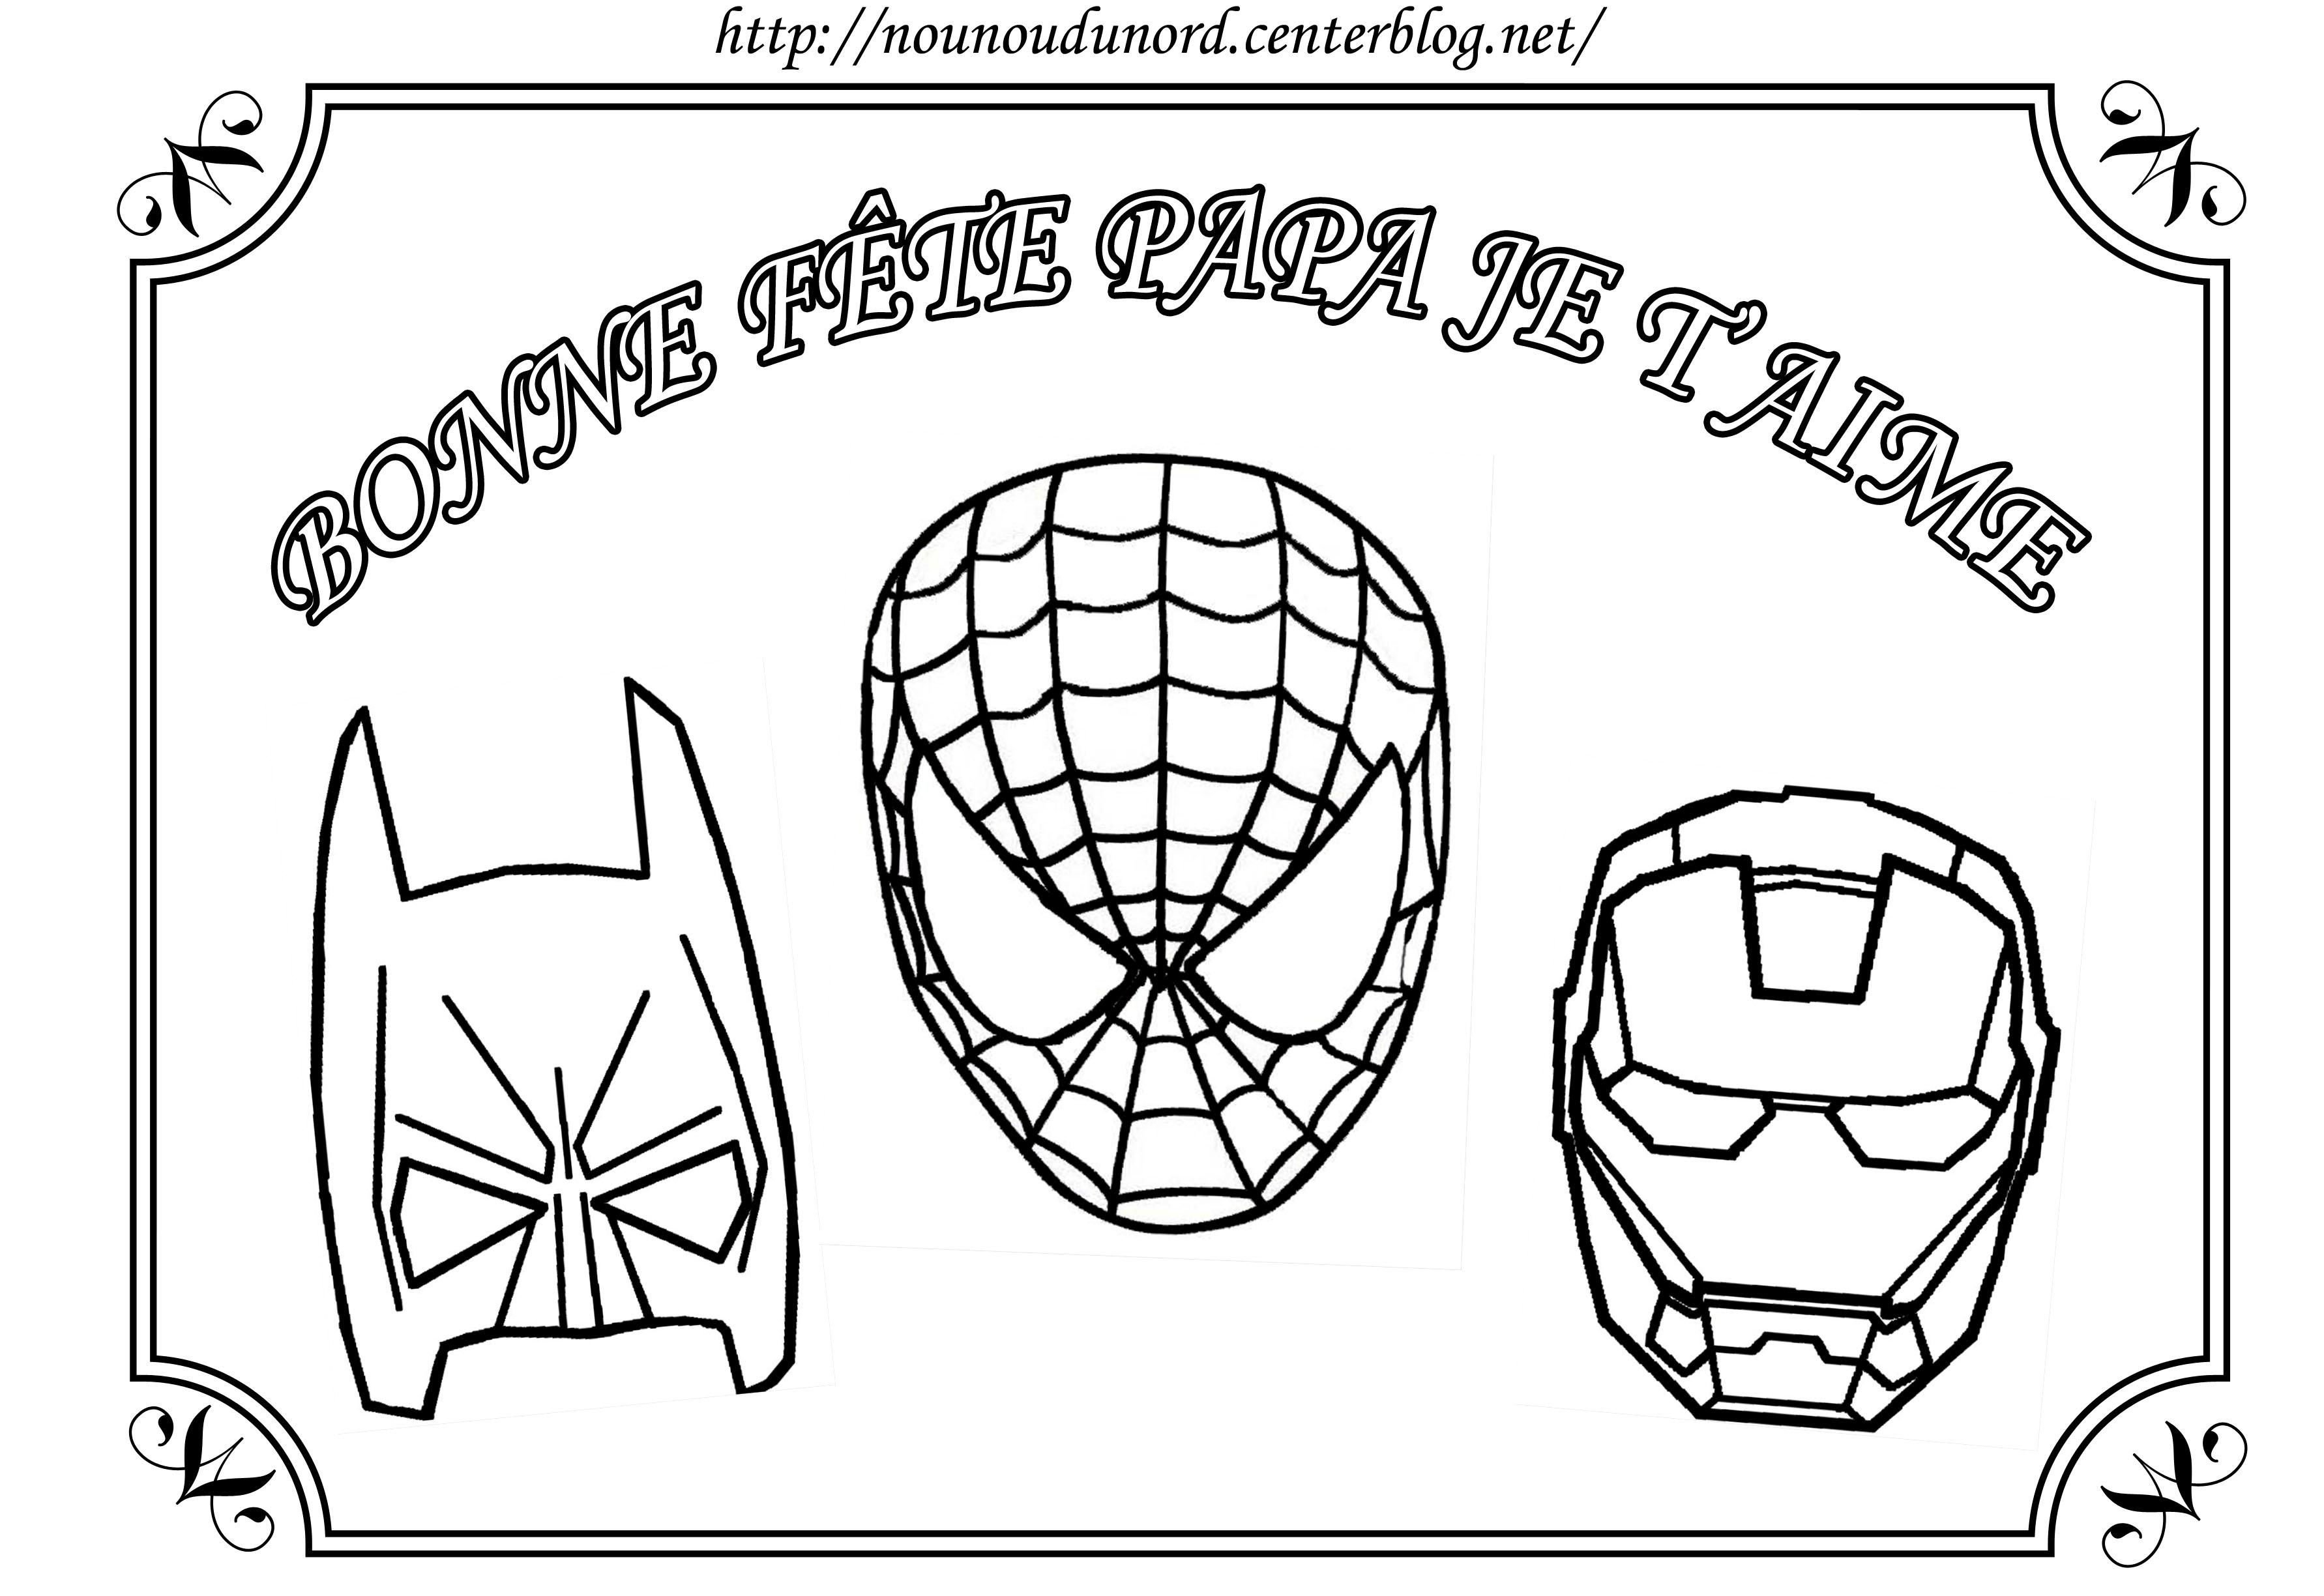 167 dibujos de Spiderman para colorear   Oh Kids   Page 7